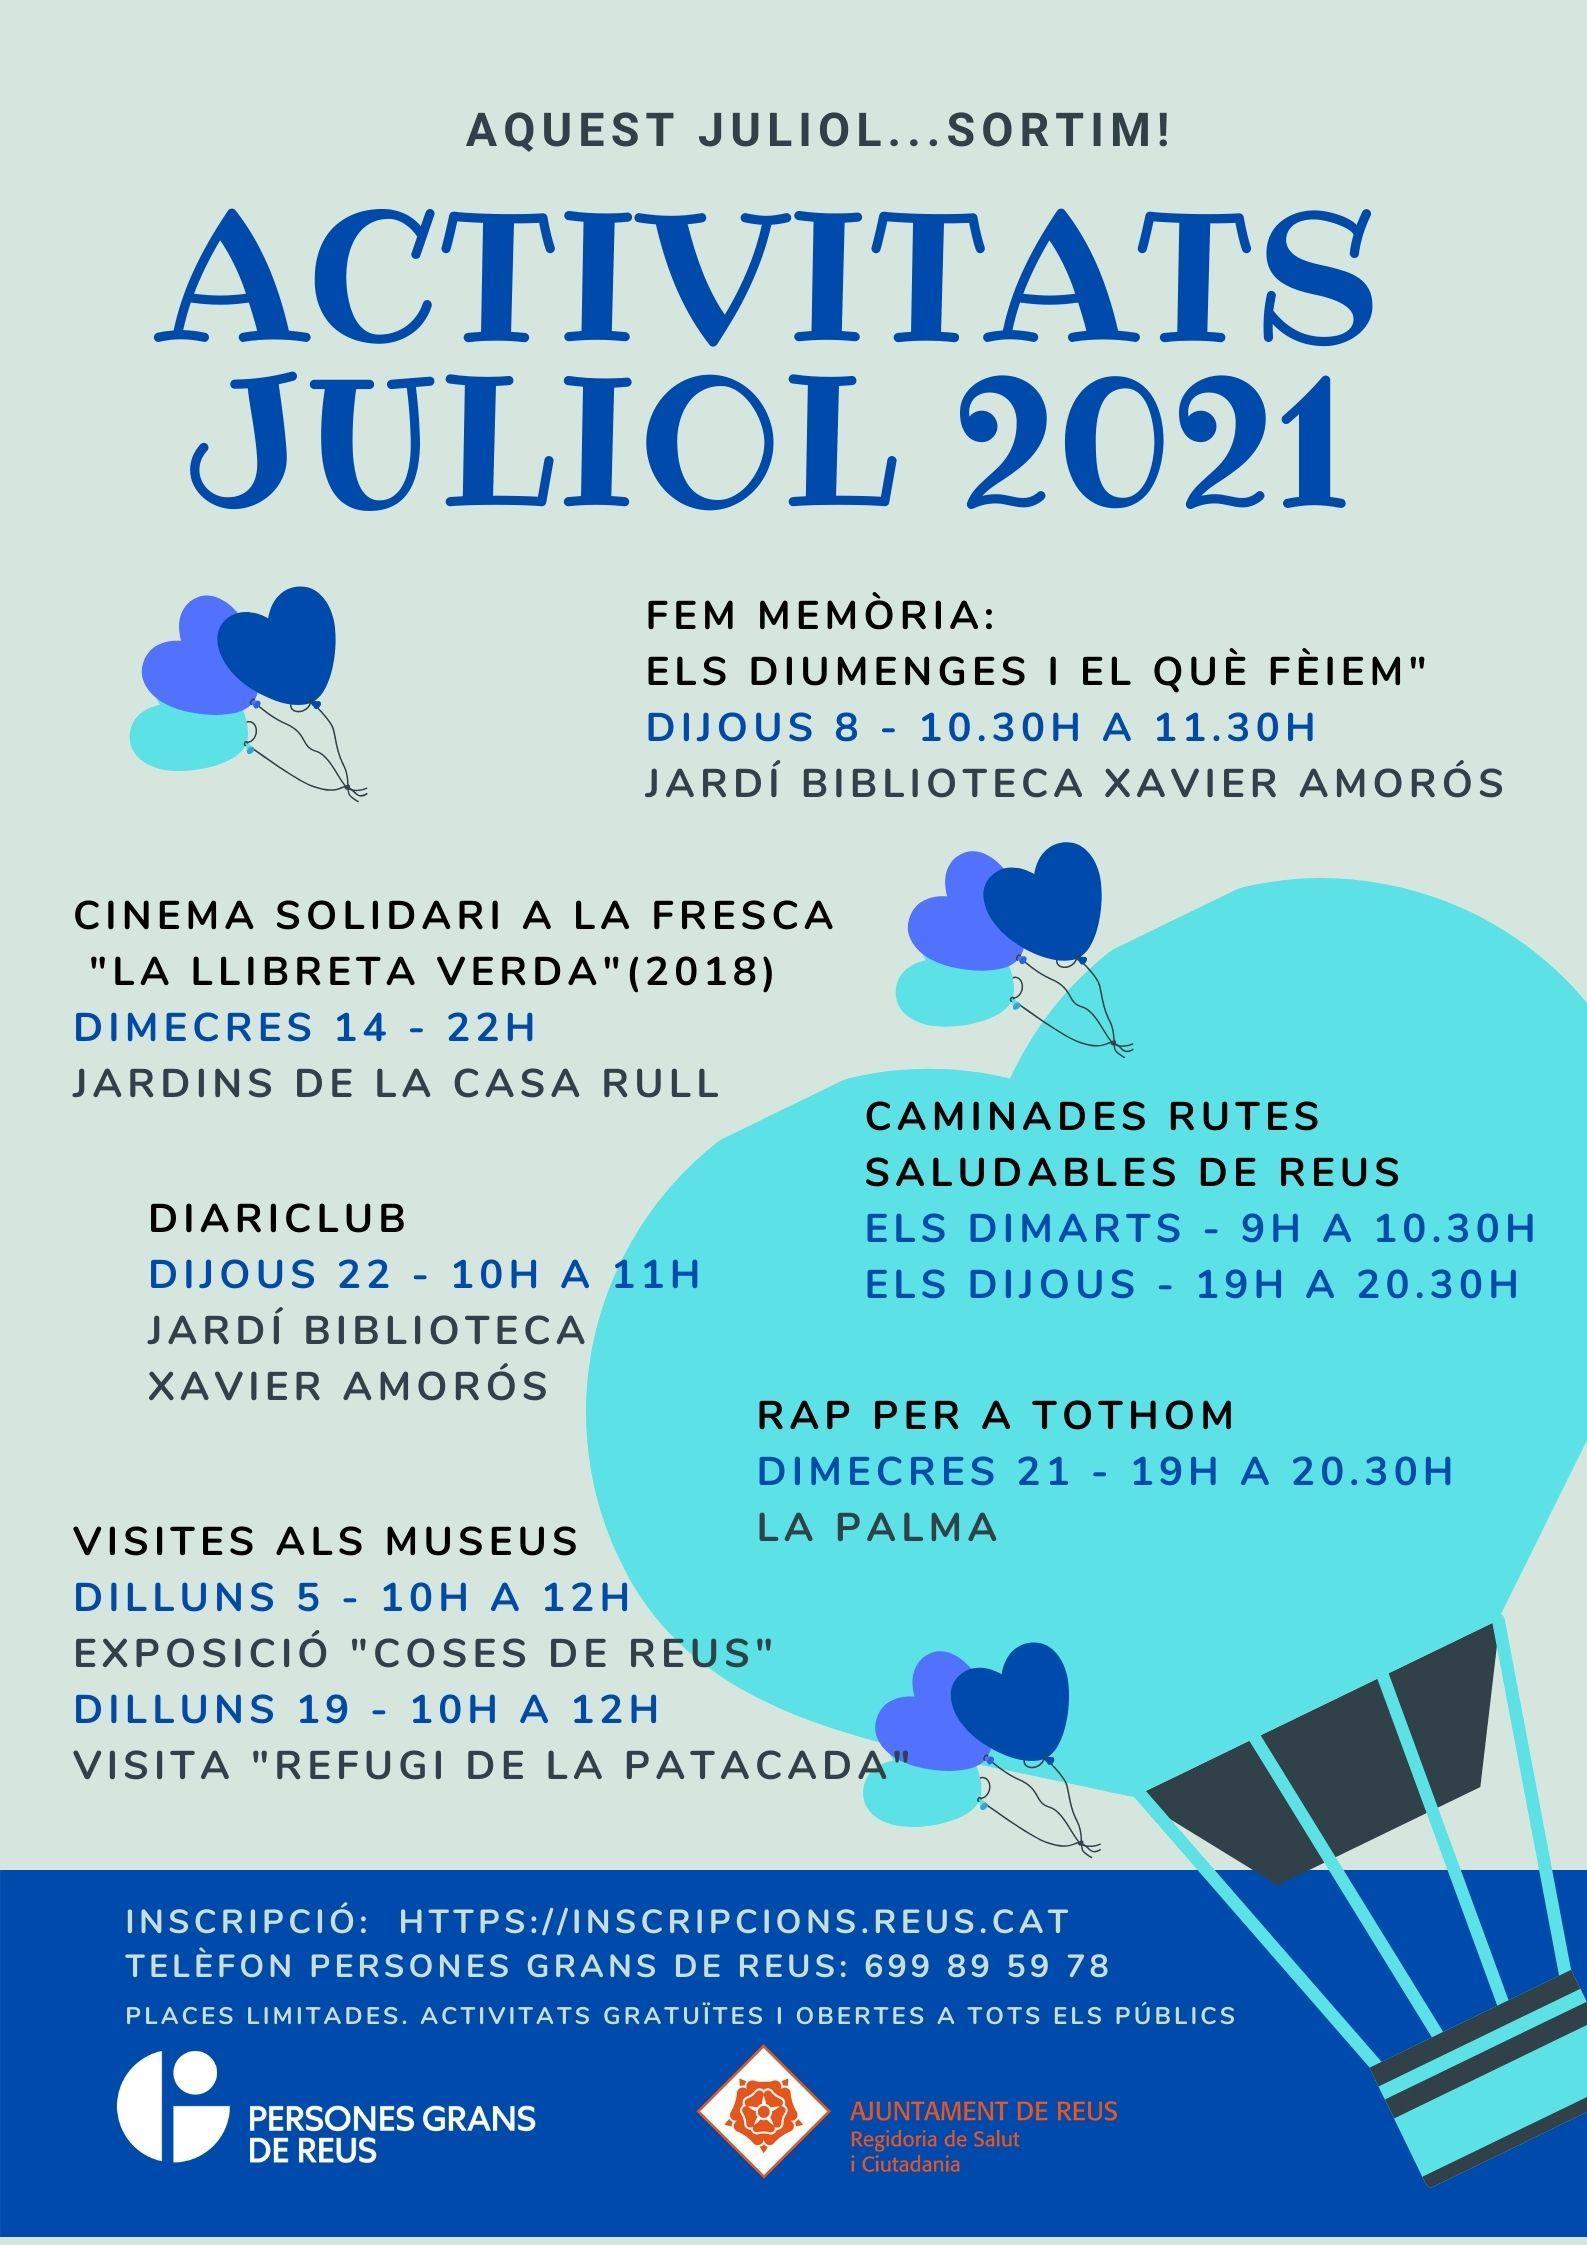 ACTIVITATS JULIOL 2021 PERSONES GRANS DE REUS